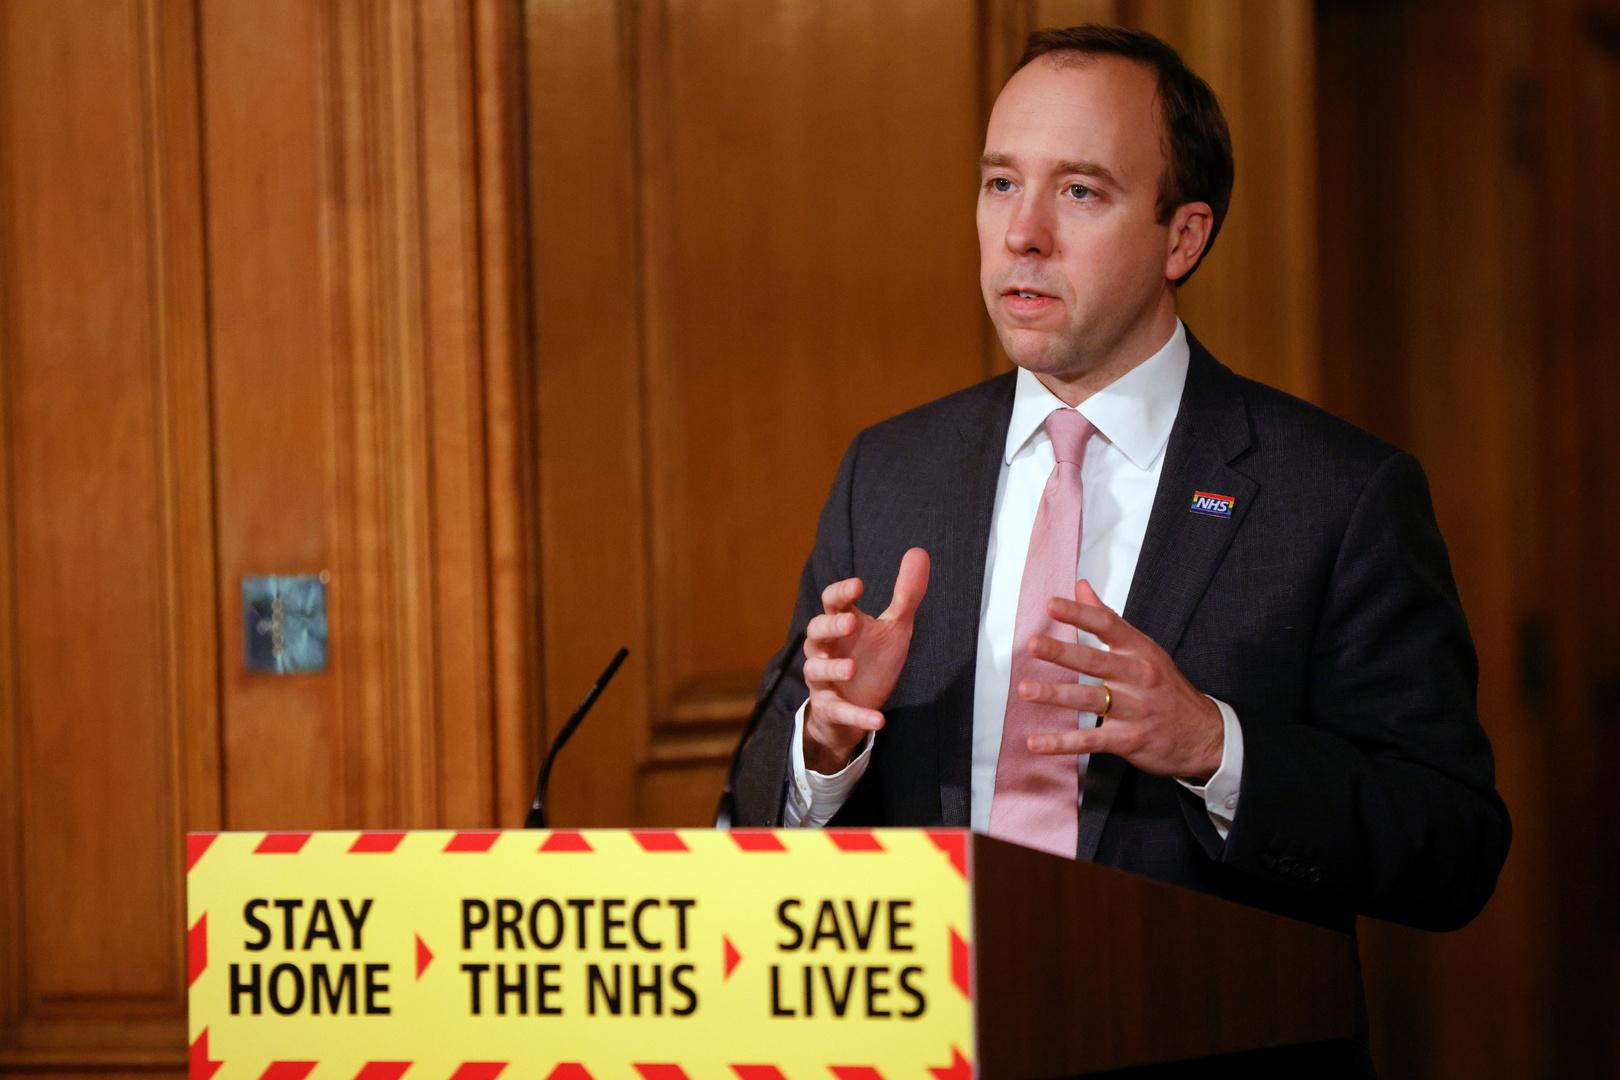 وزير الصحة البريطاني: الحكومة يجب أن تكون حذرة في رفع قيود الإغلاق